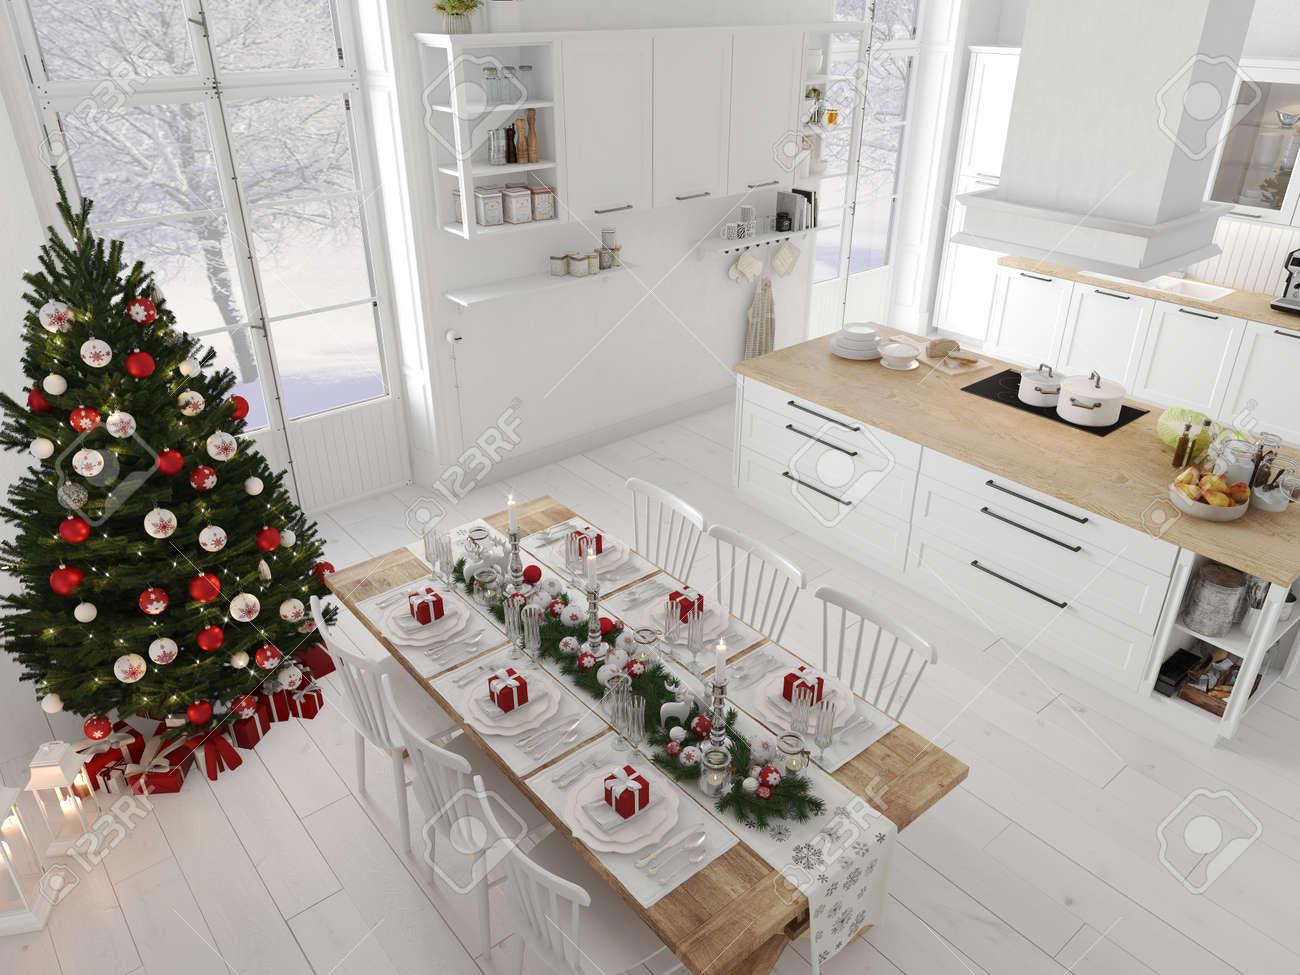 Cuisine nordique avec décoration de Noël par jour. Rendu 20D